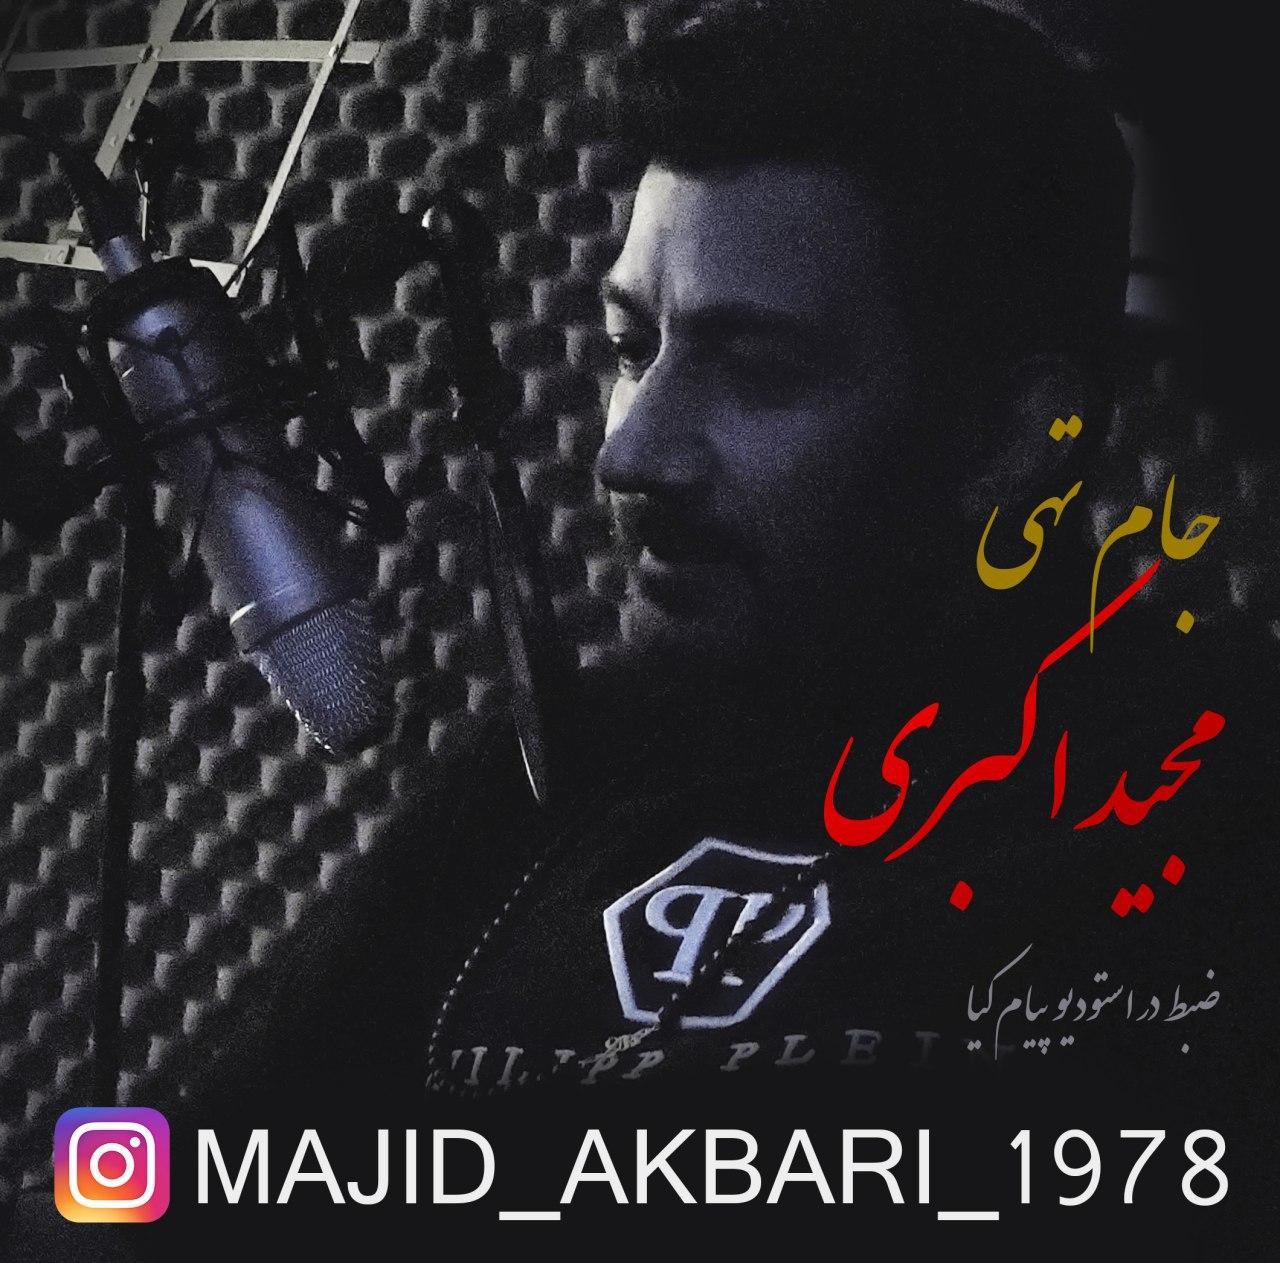 Majid Akbari – Jaame Tohi